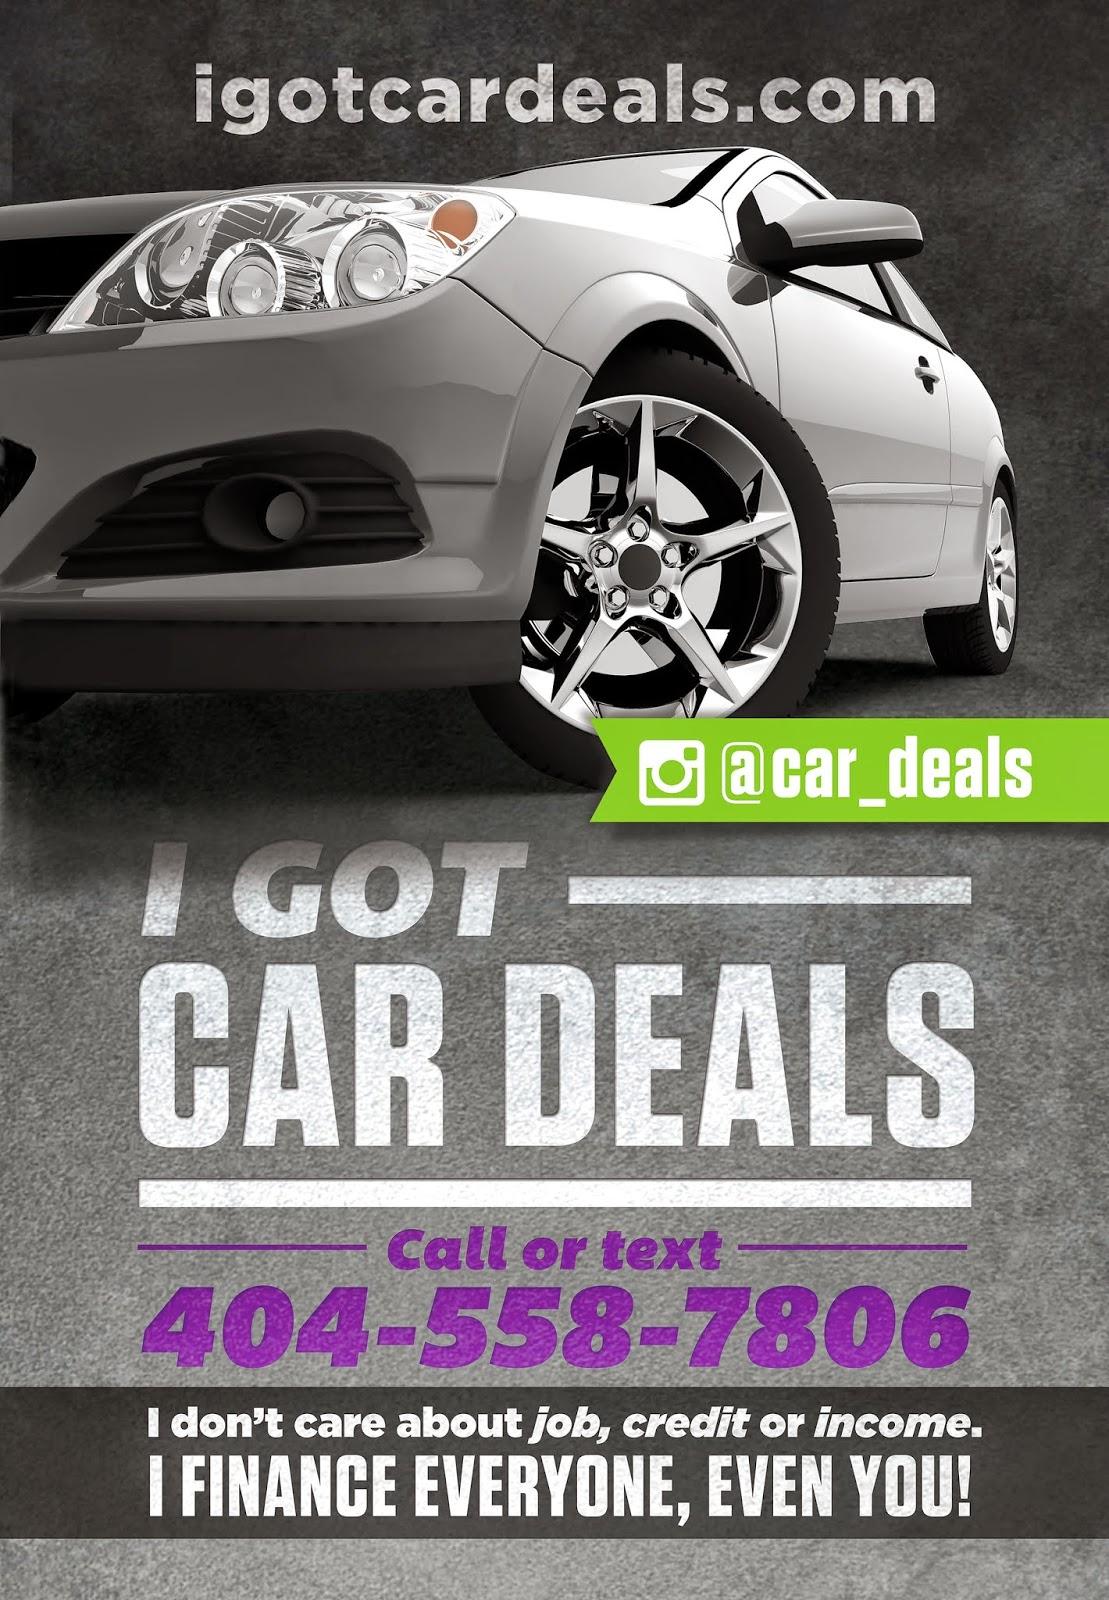 I Got Car Deals Contact Me